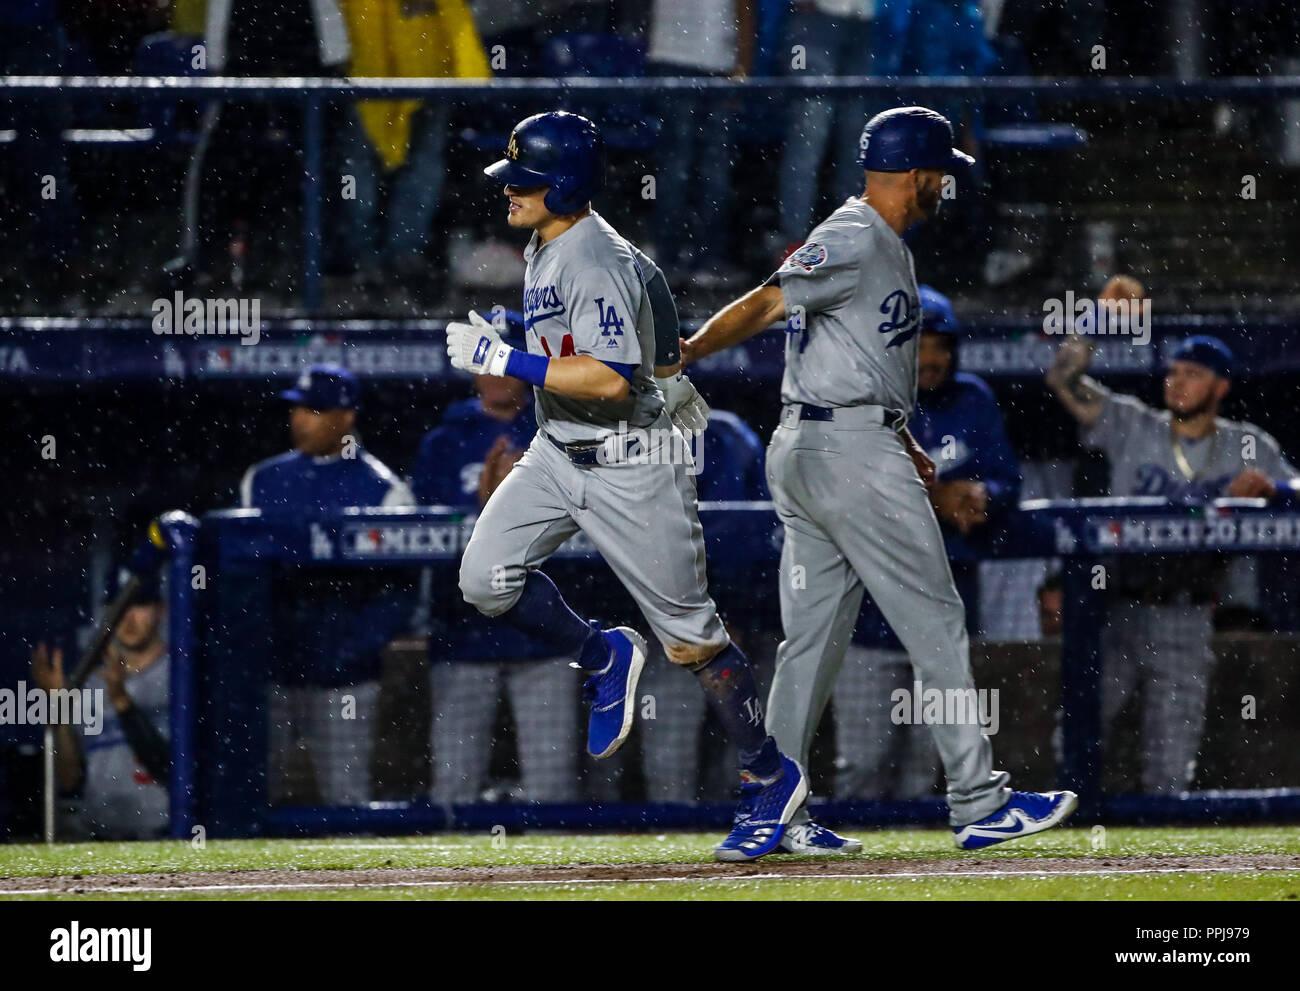 Enrique Hernandez de los Dodgers conecta cuadrangular, durante el partido de beisbol de los Dodgers de Los Angeles contra Padres de San Diego, durante - Stock Image